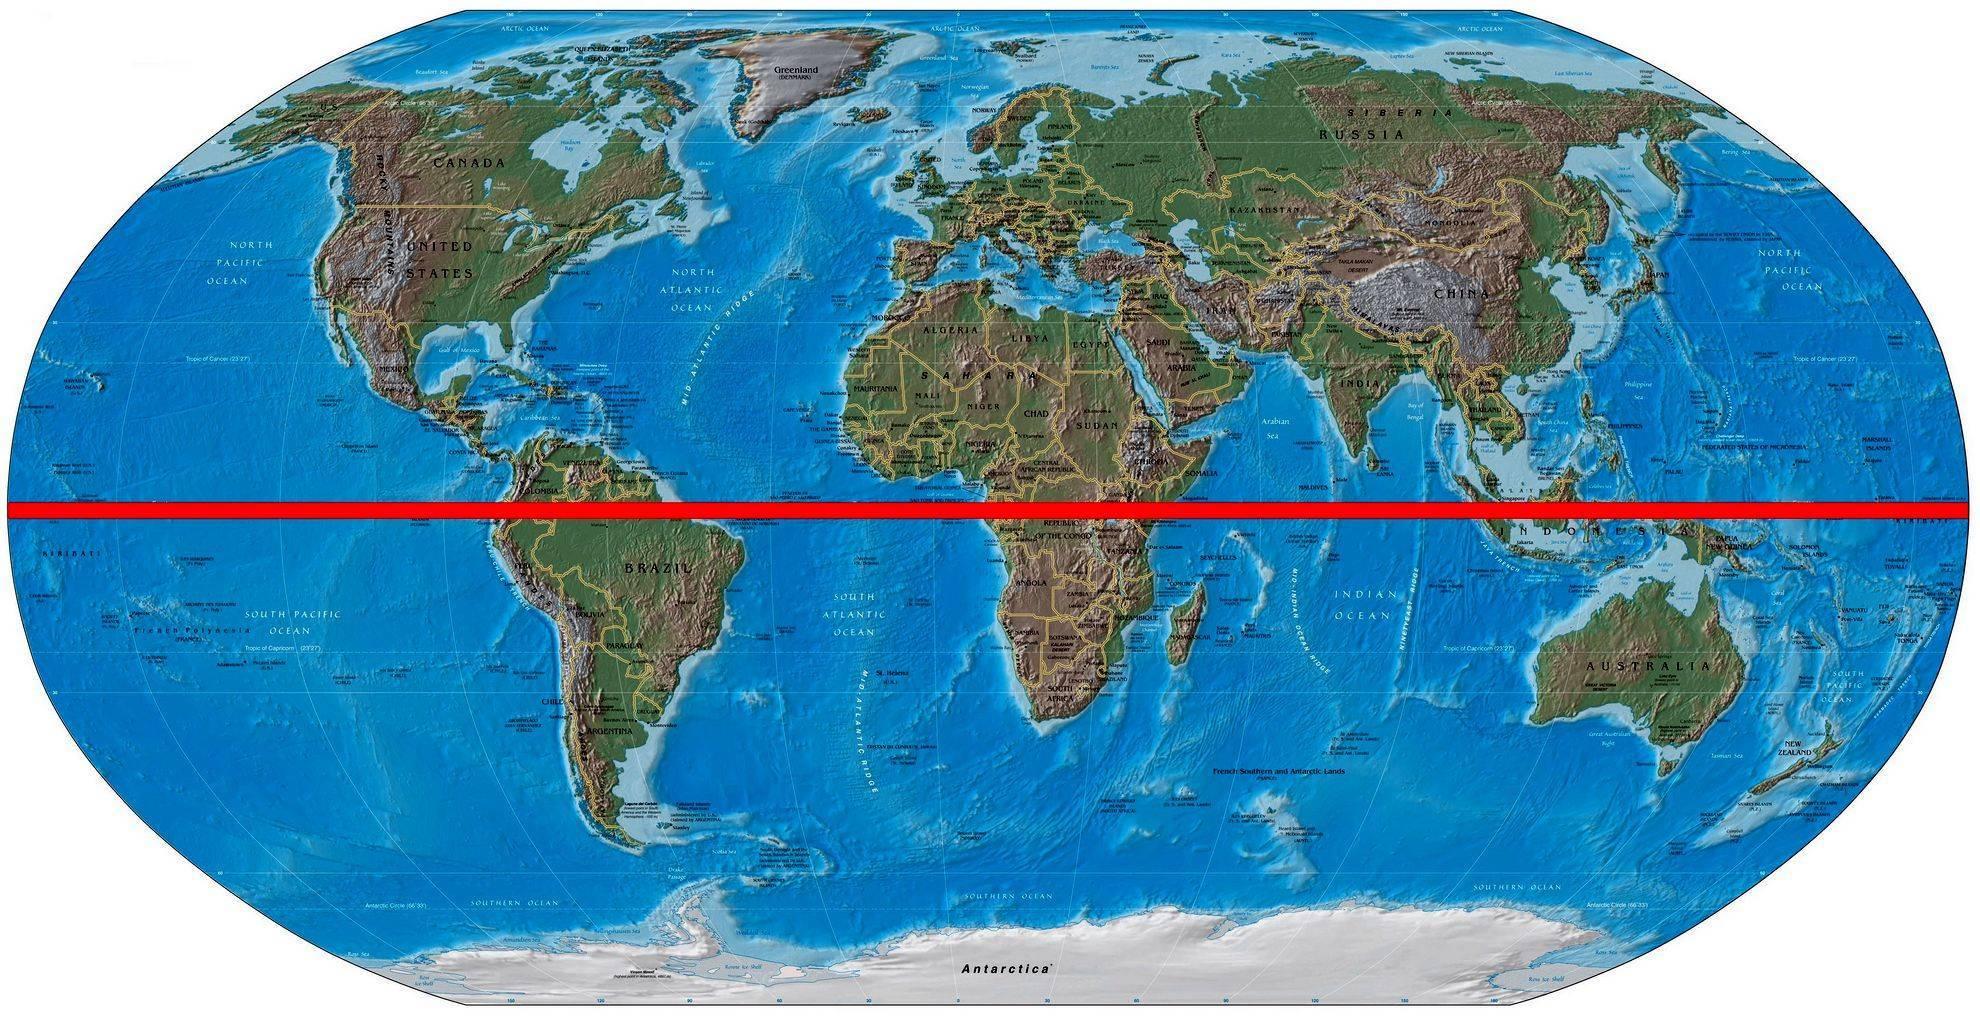 Через сколько стран проходит экватор